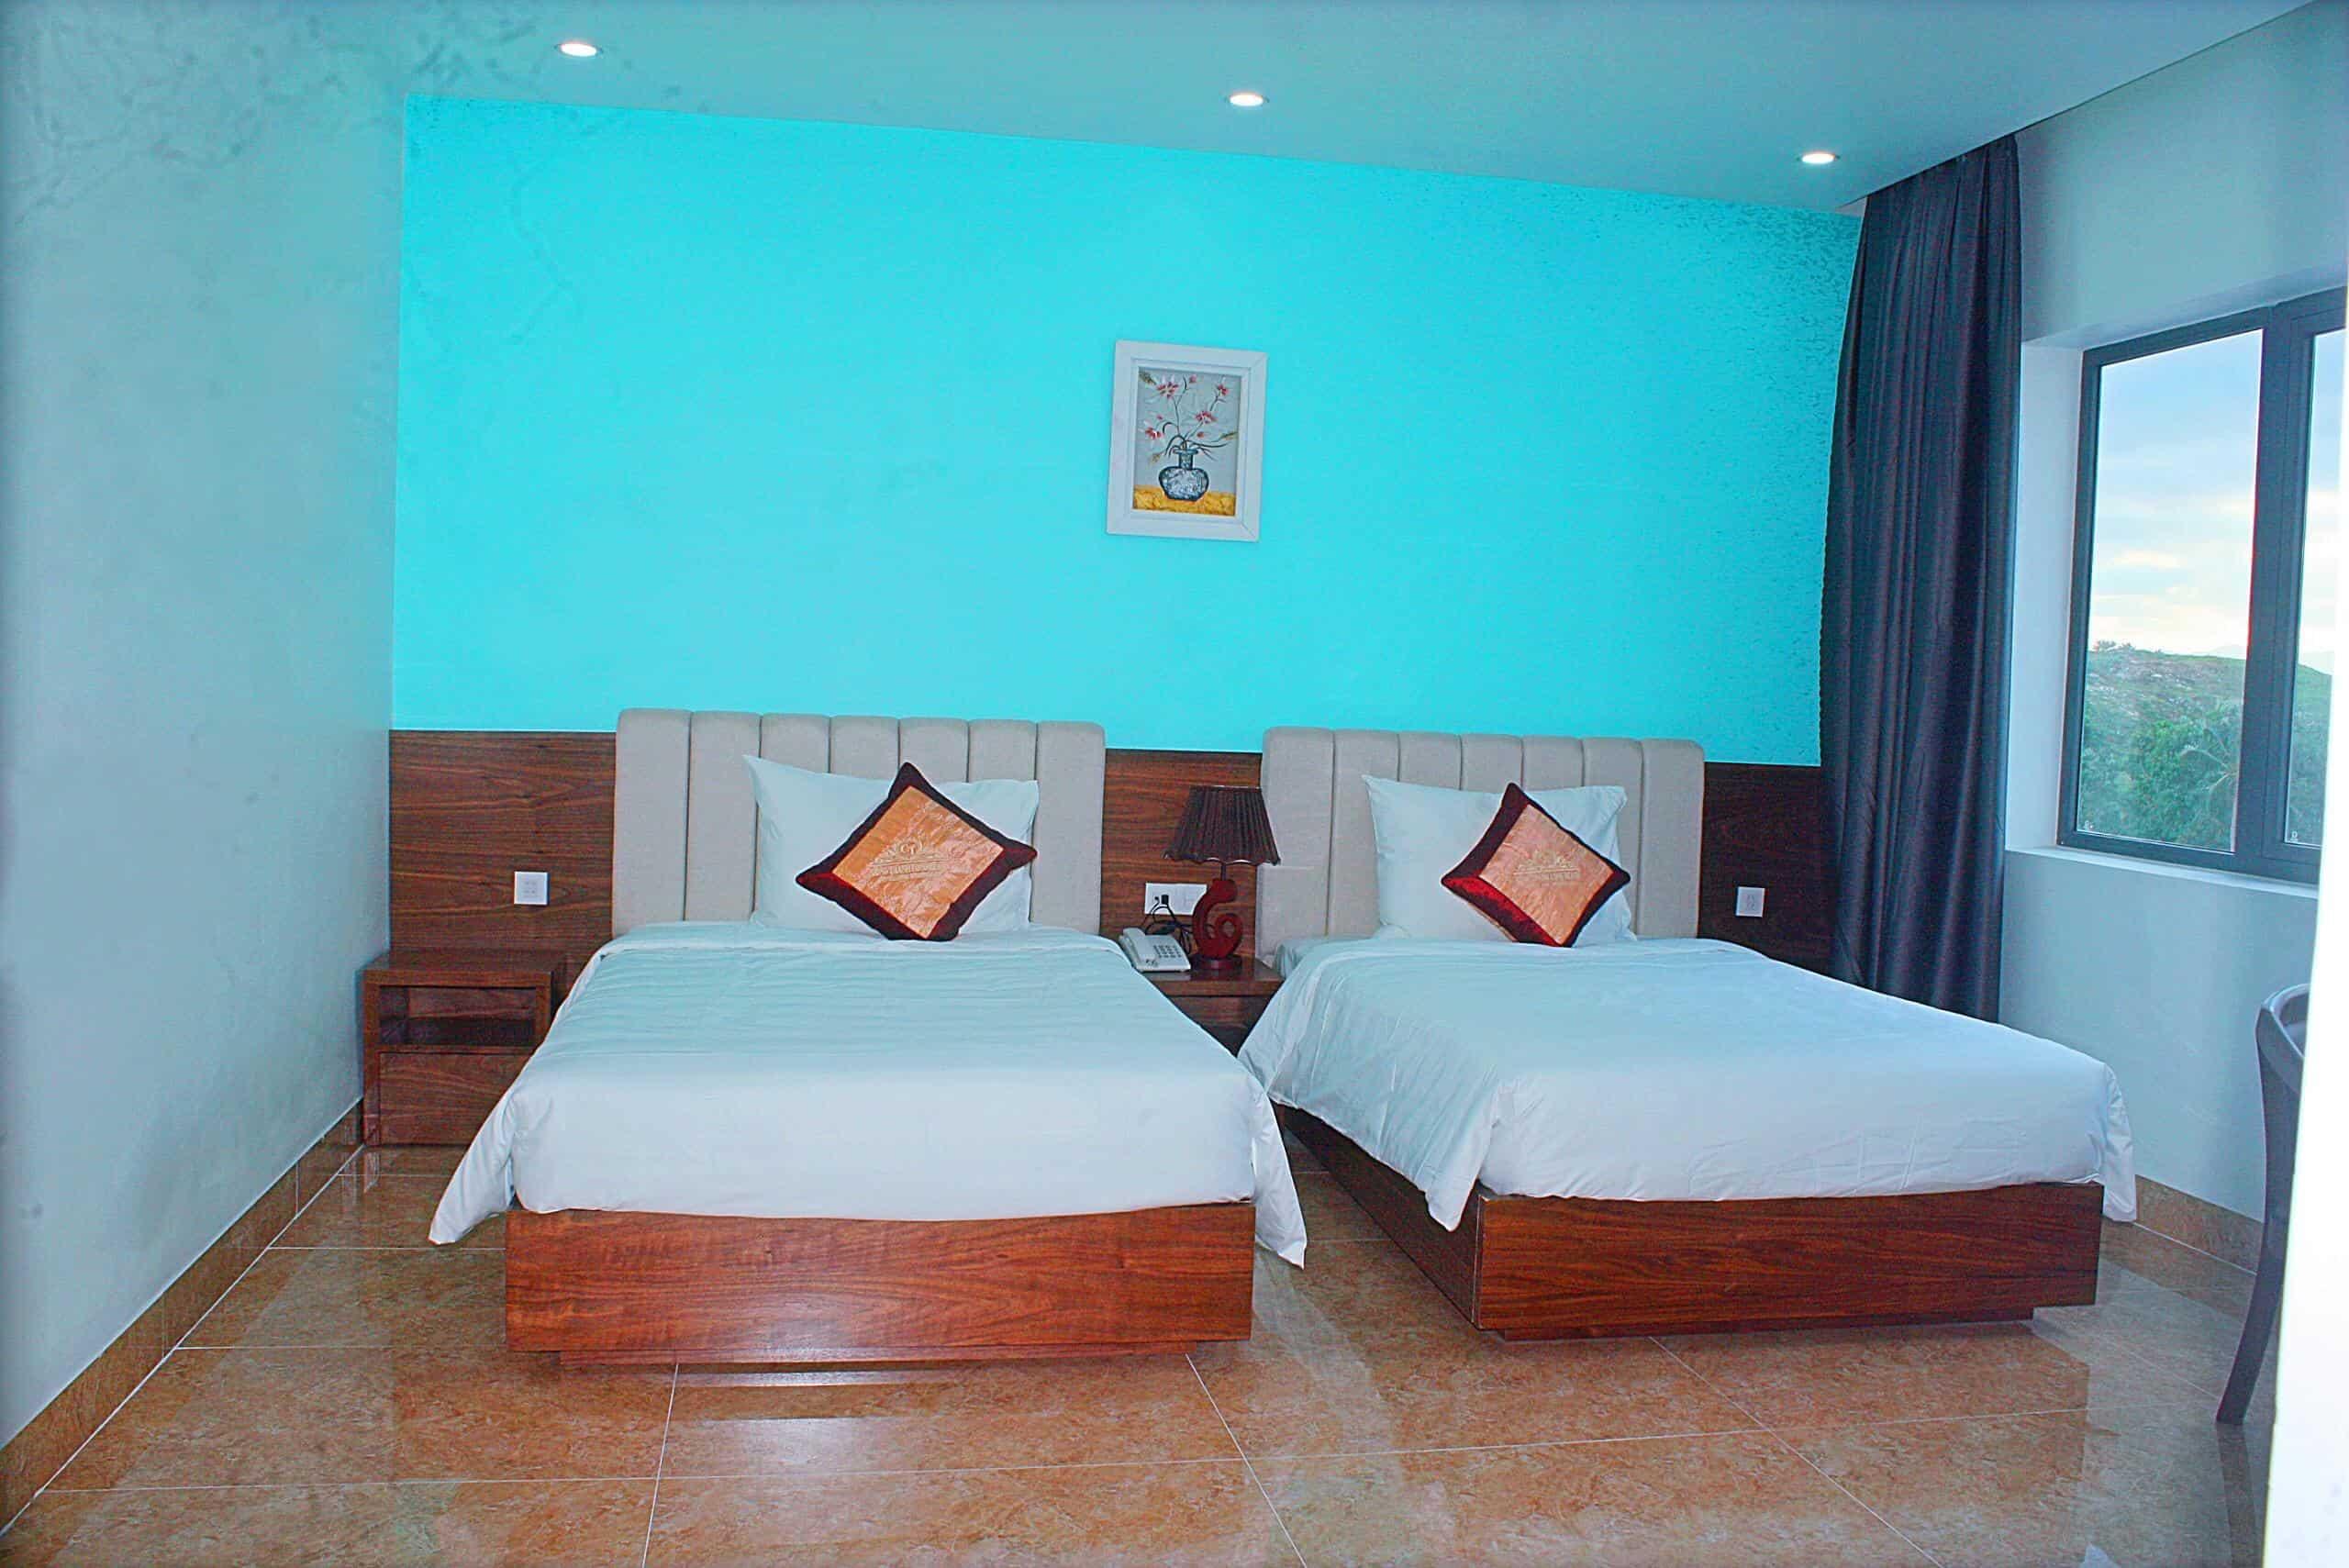 Thiết kế các phòng ngủ đảm bảo thoáng mát và đầy đủ tiện nghi